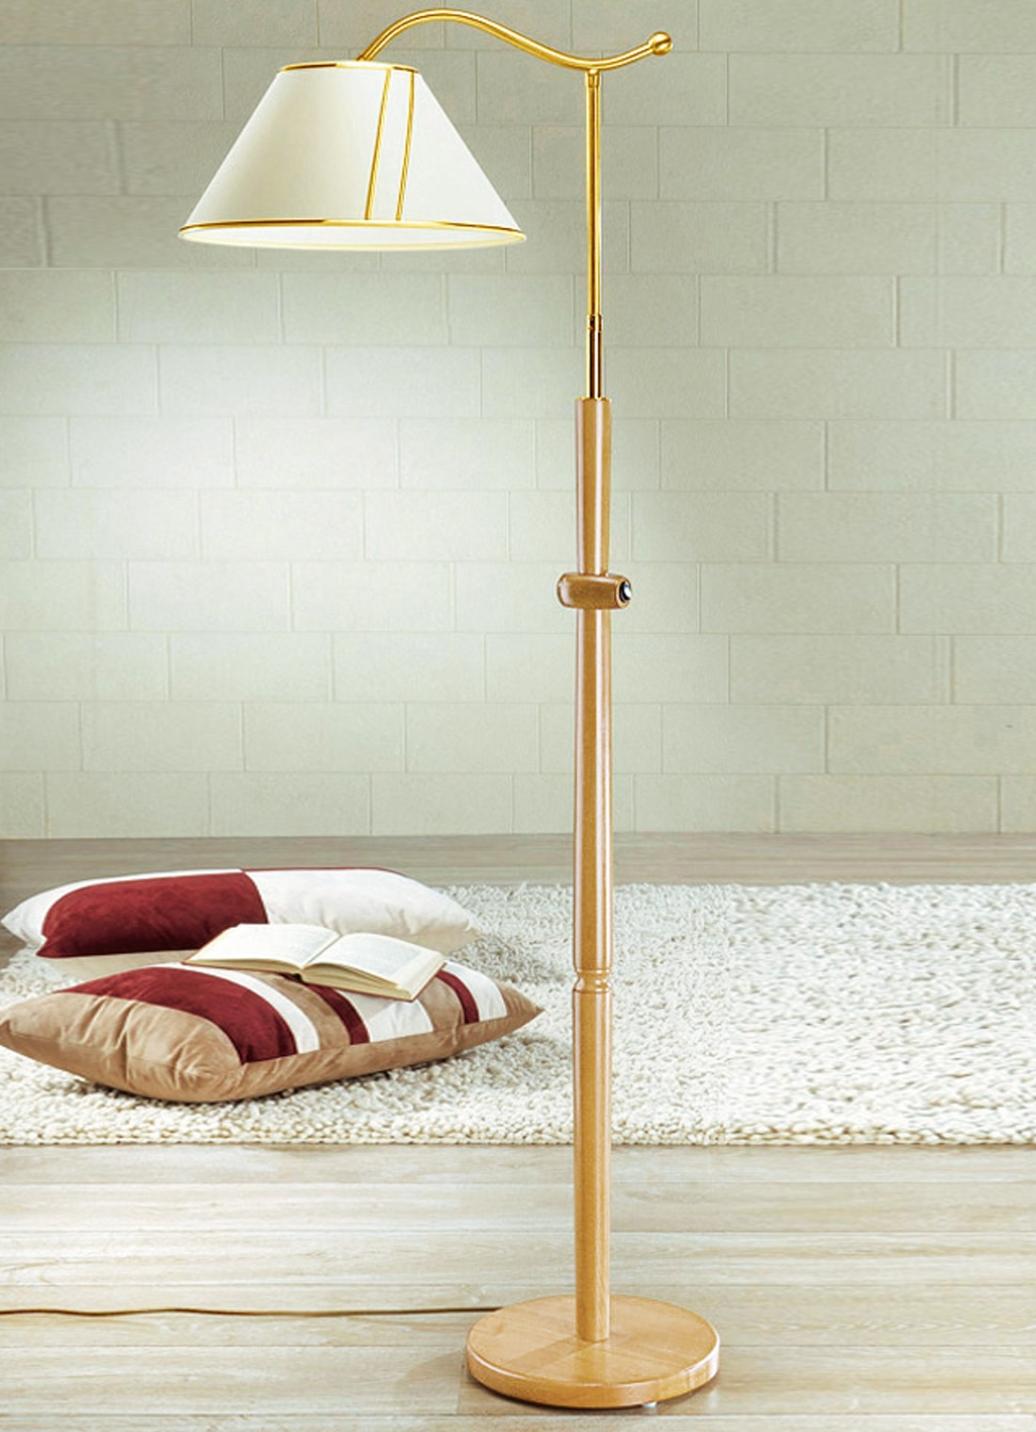 stehleuchte mit schwenkschirm verschiedene farben lampen leuchten brigitte hachenburg. Black Bedroom Furniture Sets. Home Design Ideas